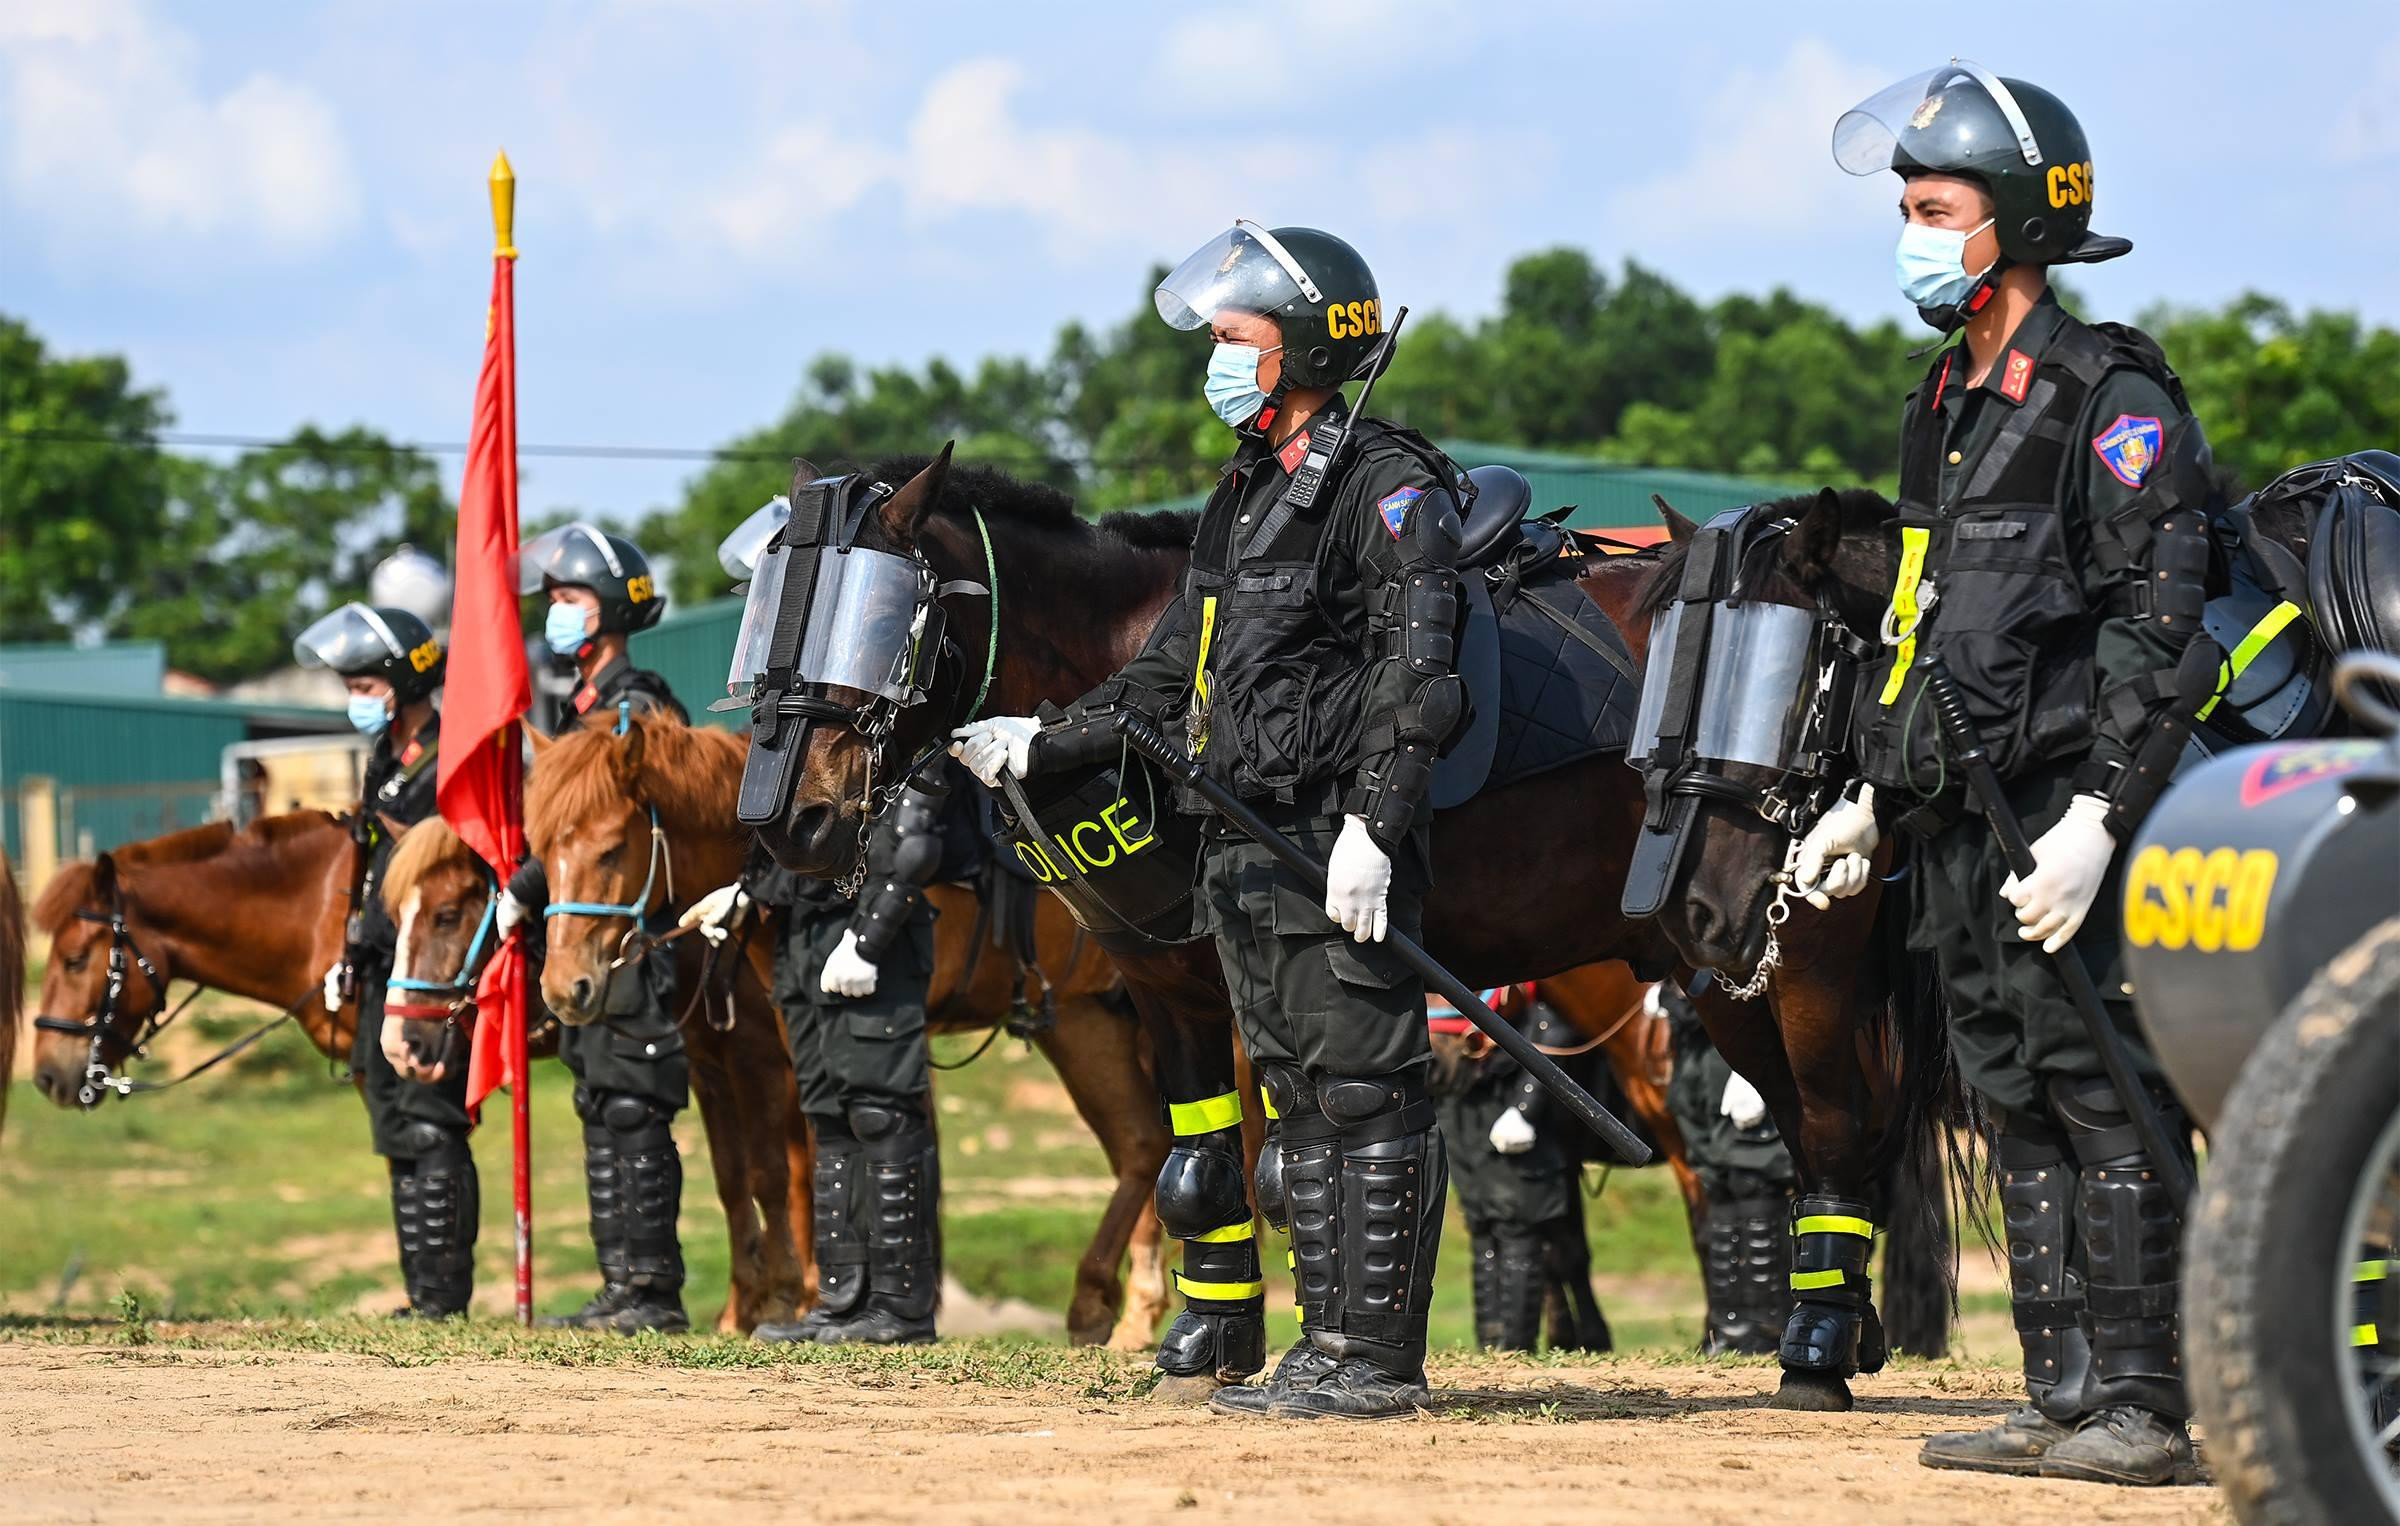 Cảnh sát Cơ động kỵ binh ngày một thuần thục kỹ năng nghiệp vụ - Ảnh 1.